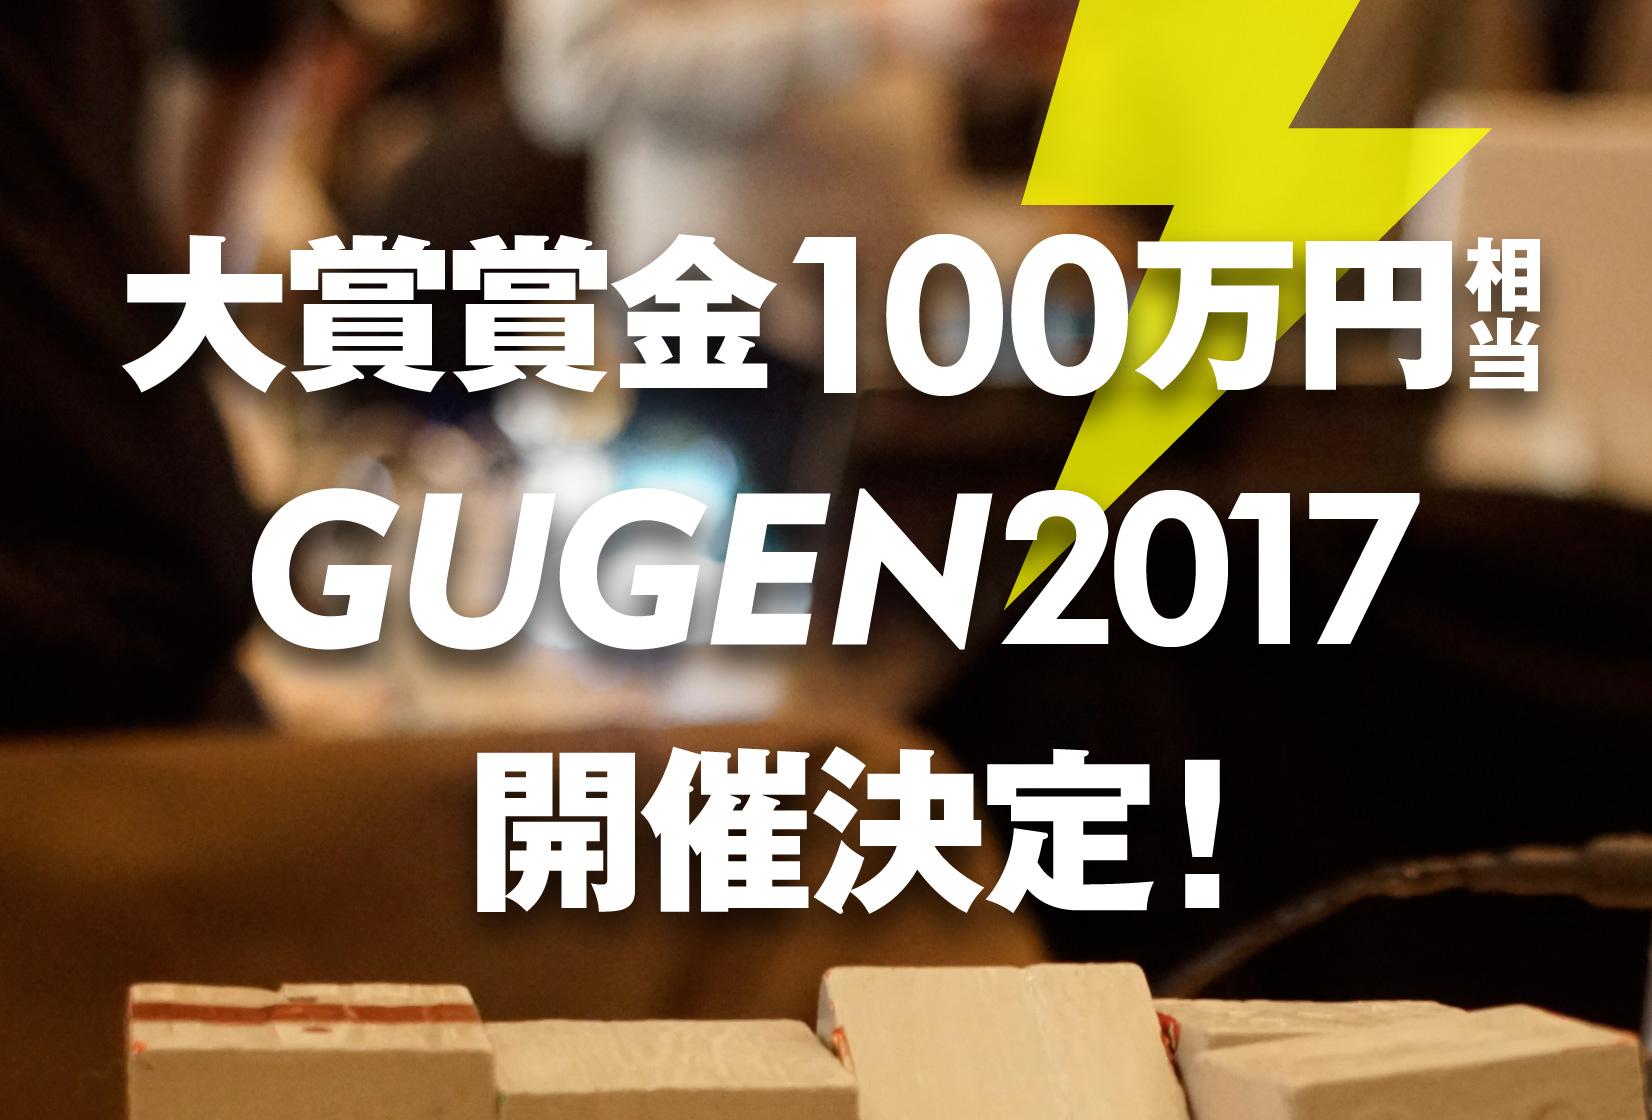 gugen